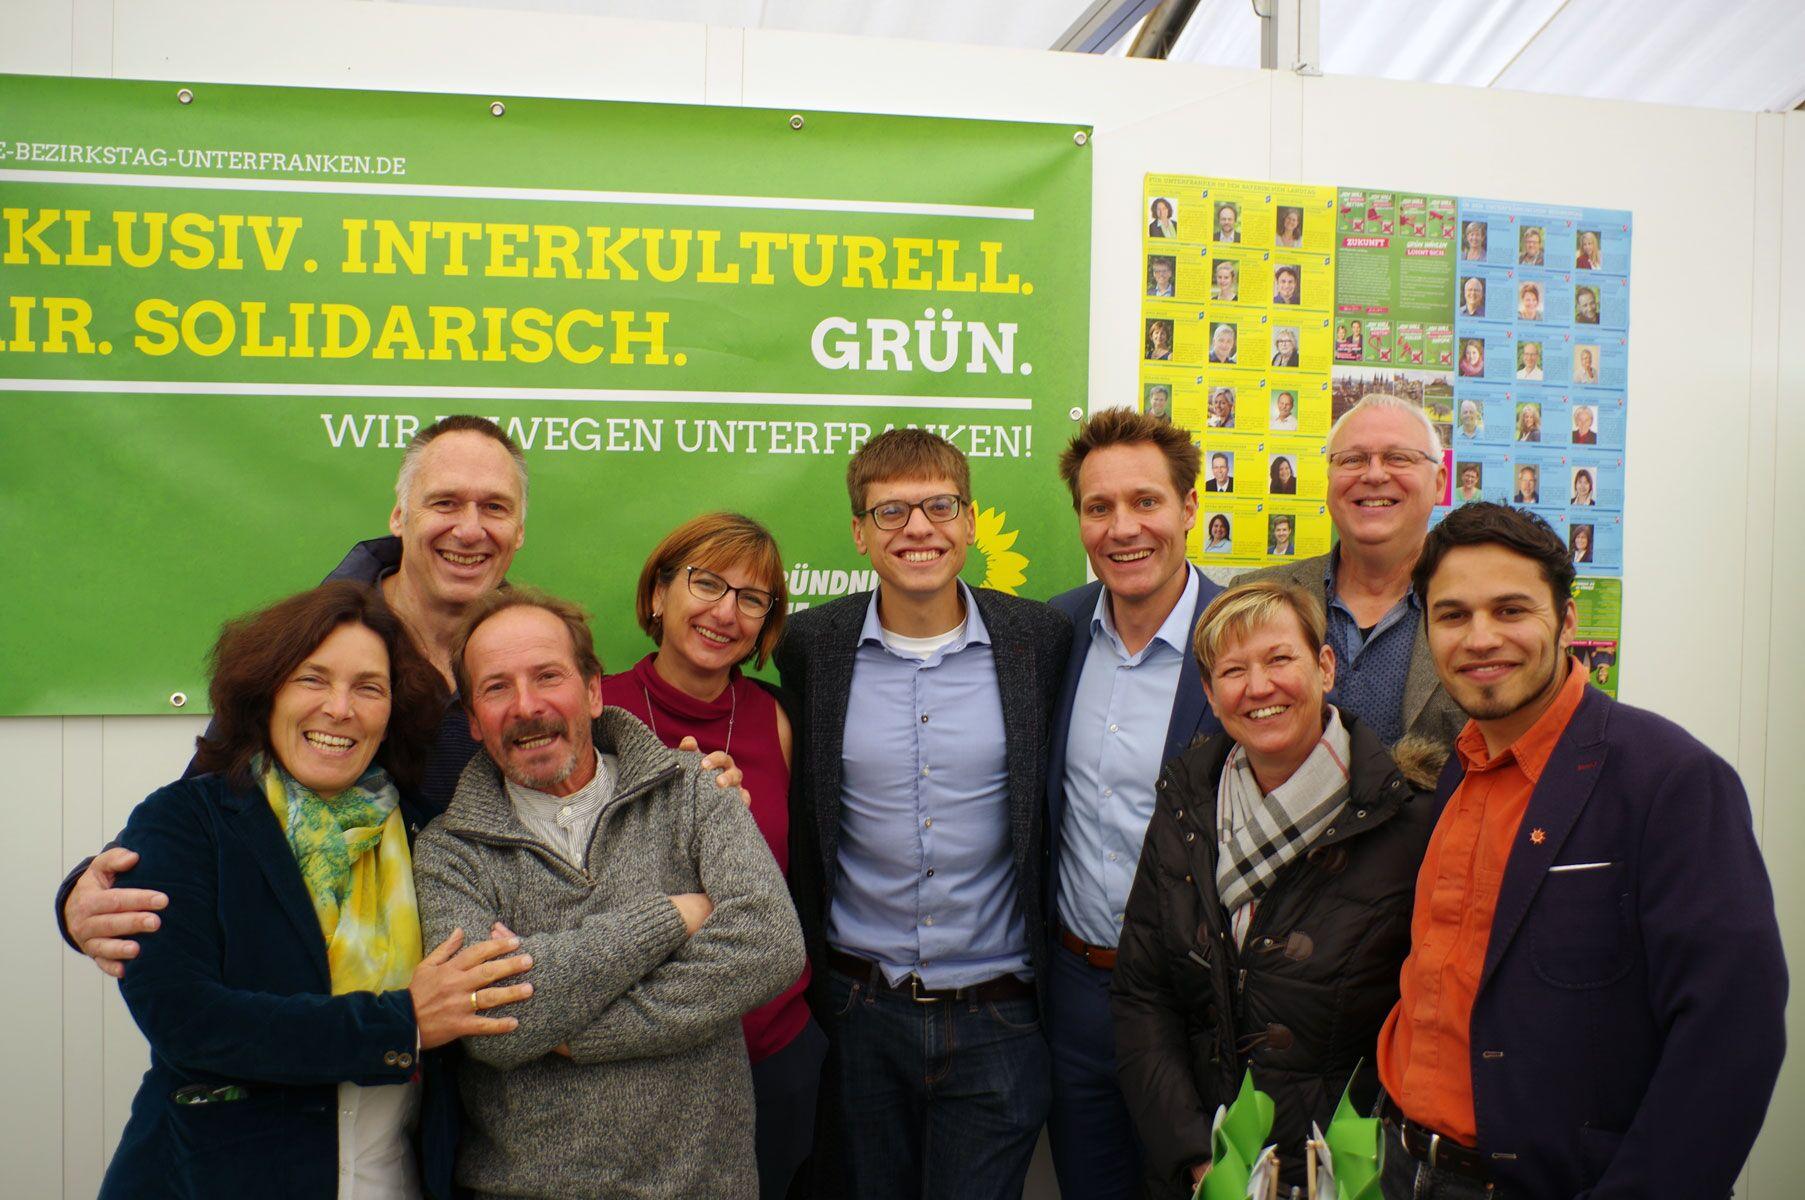 Grüne Kandidat*innen auf der diesjährigen MSP Expo.